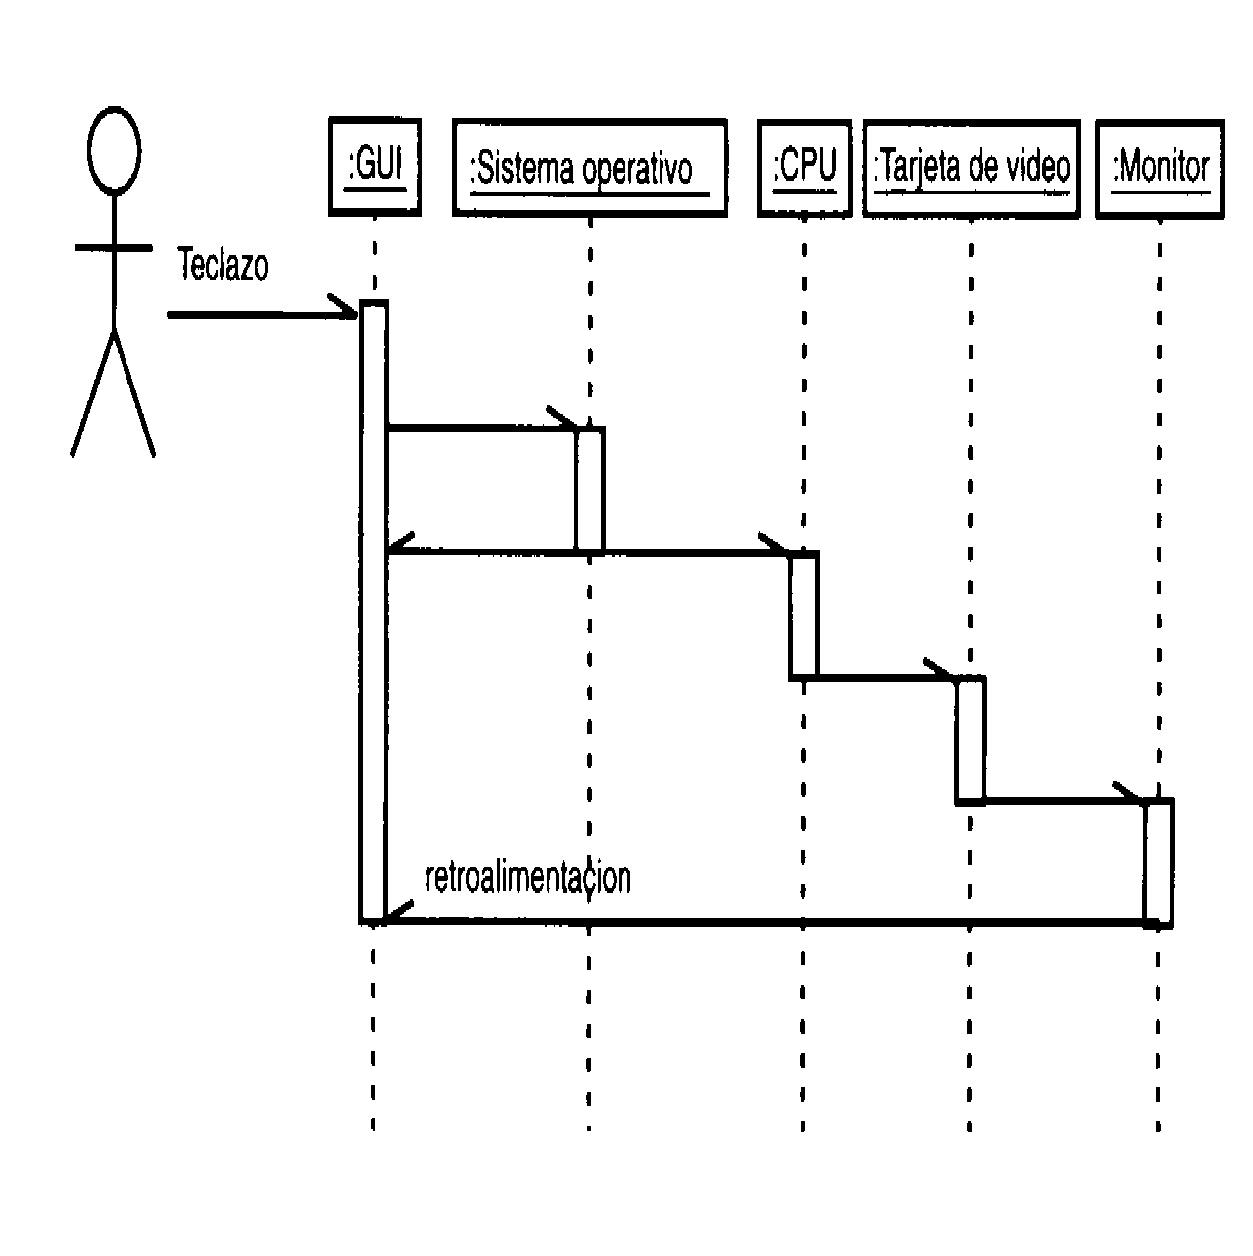 aprende uml  diagramas de secuencias